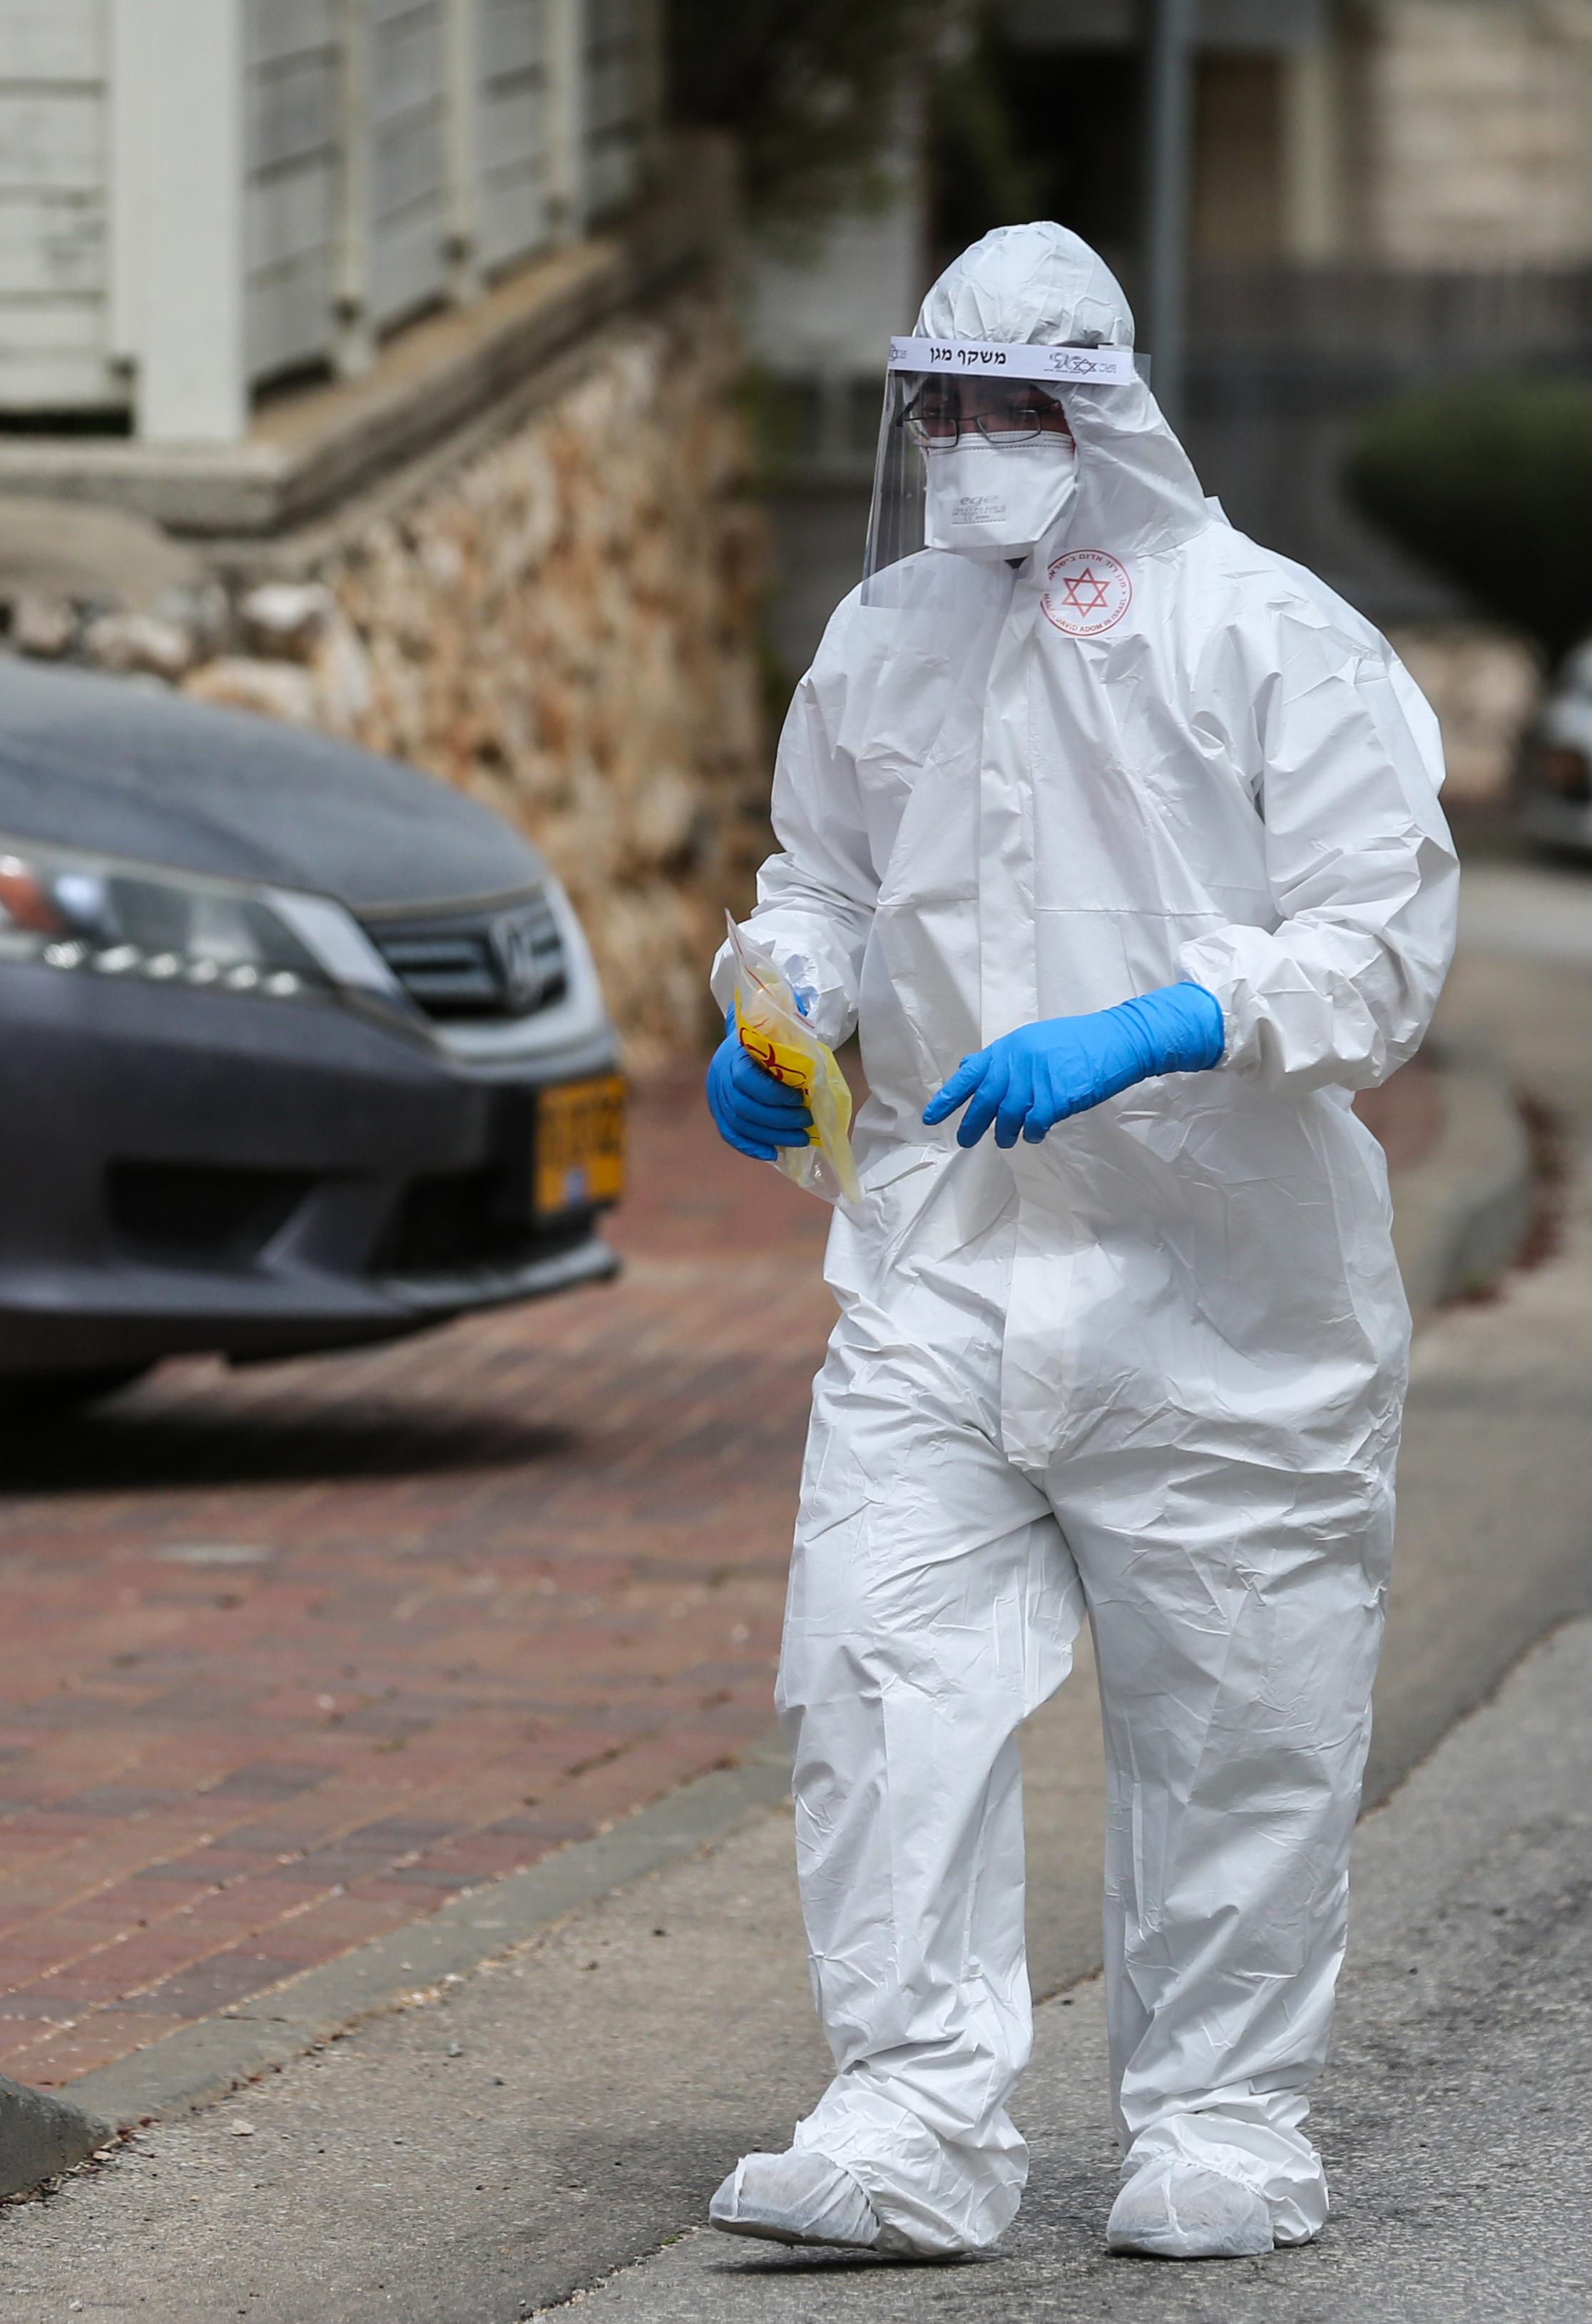 以色列新冠肺炎确诊病例超过五千例